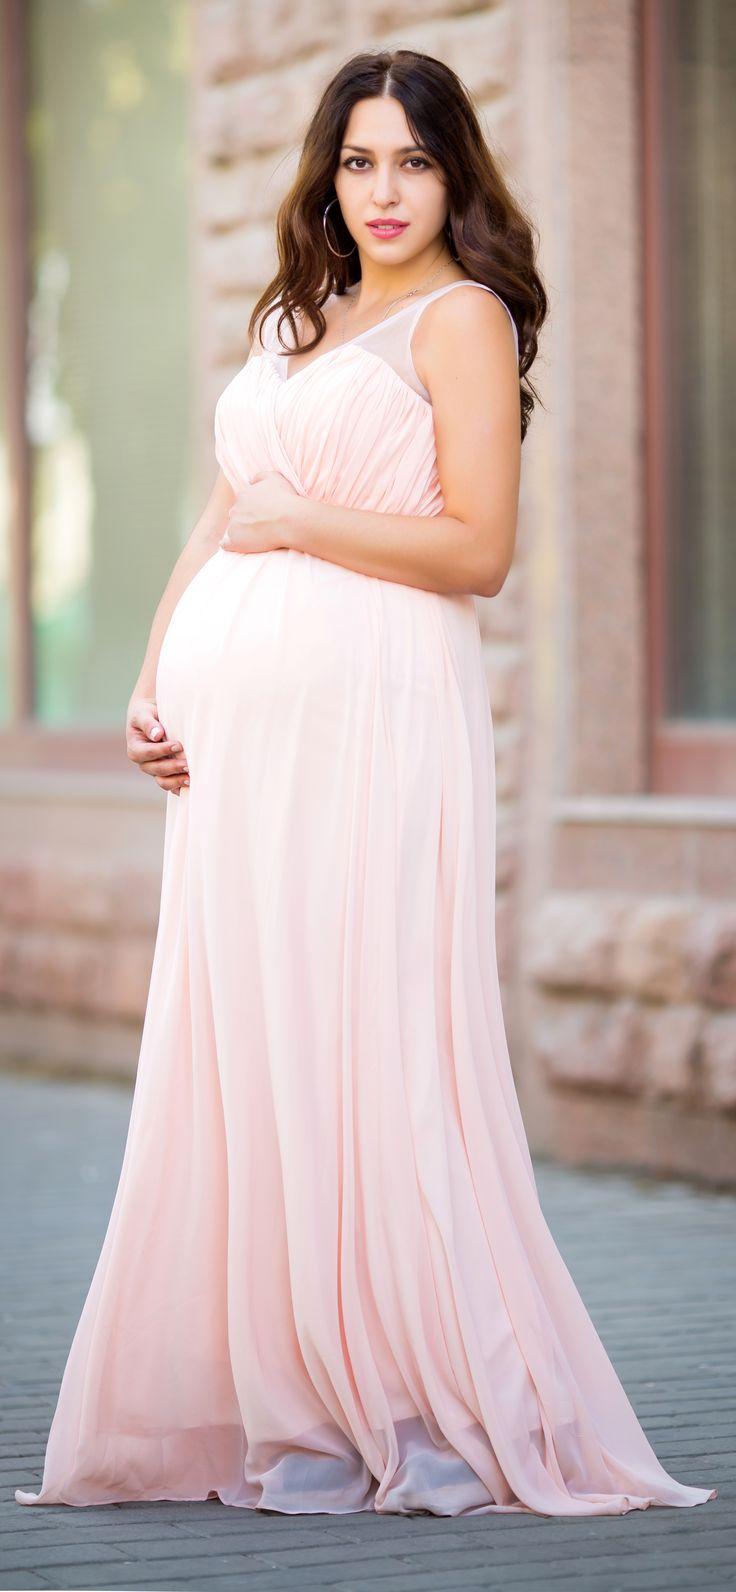 Шикарные вечерние платья.В них Вы будите ощущать себя превосходно.одежда для беременных, одежда для будущих мам, платья для беременных https://www.facebook.com/boutiquehappymama https://www.instagram.com/happymama.uz